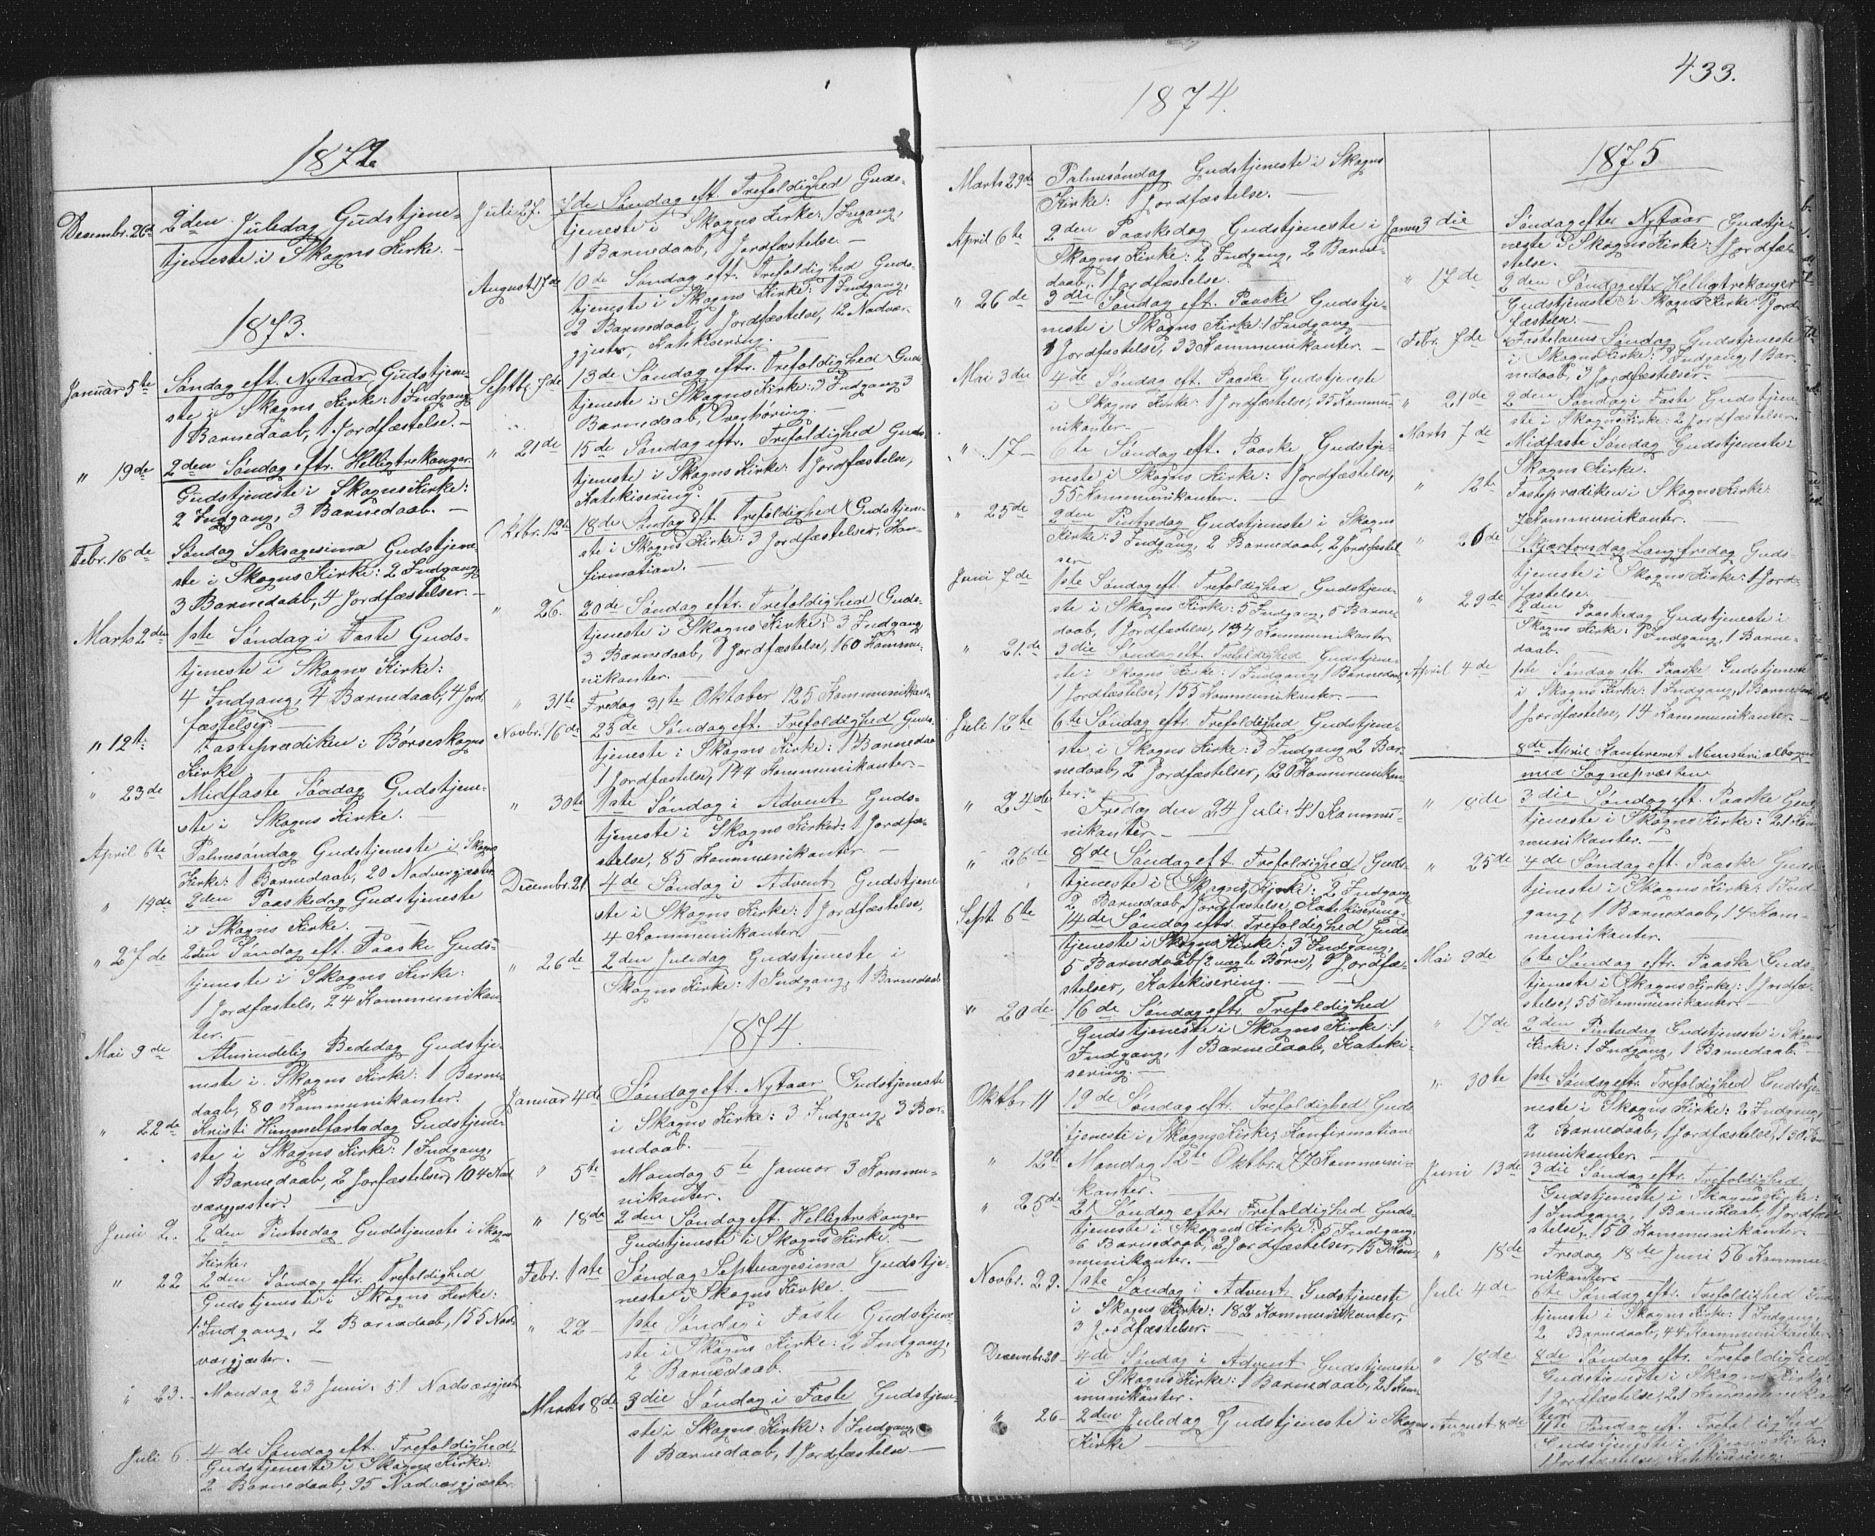 SAT, Ministerialprotokoller, klokkerbøker og fødselsregistre - Sør-Trøndelag, 667/L0798: Klokkerbok nr. 667C03, 1867-1929, s. 433